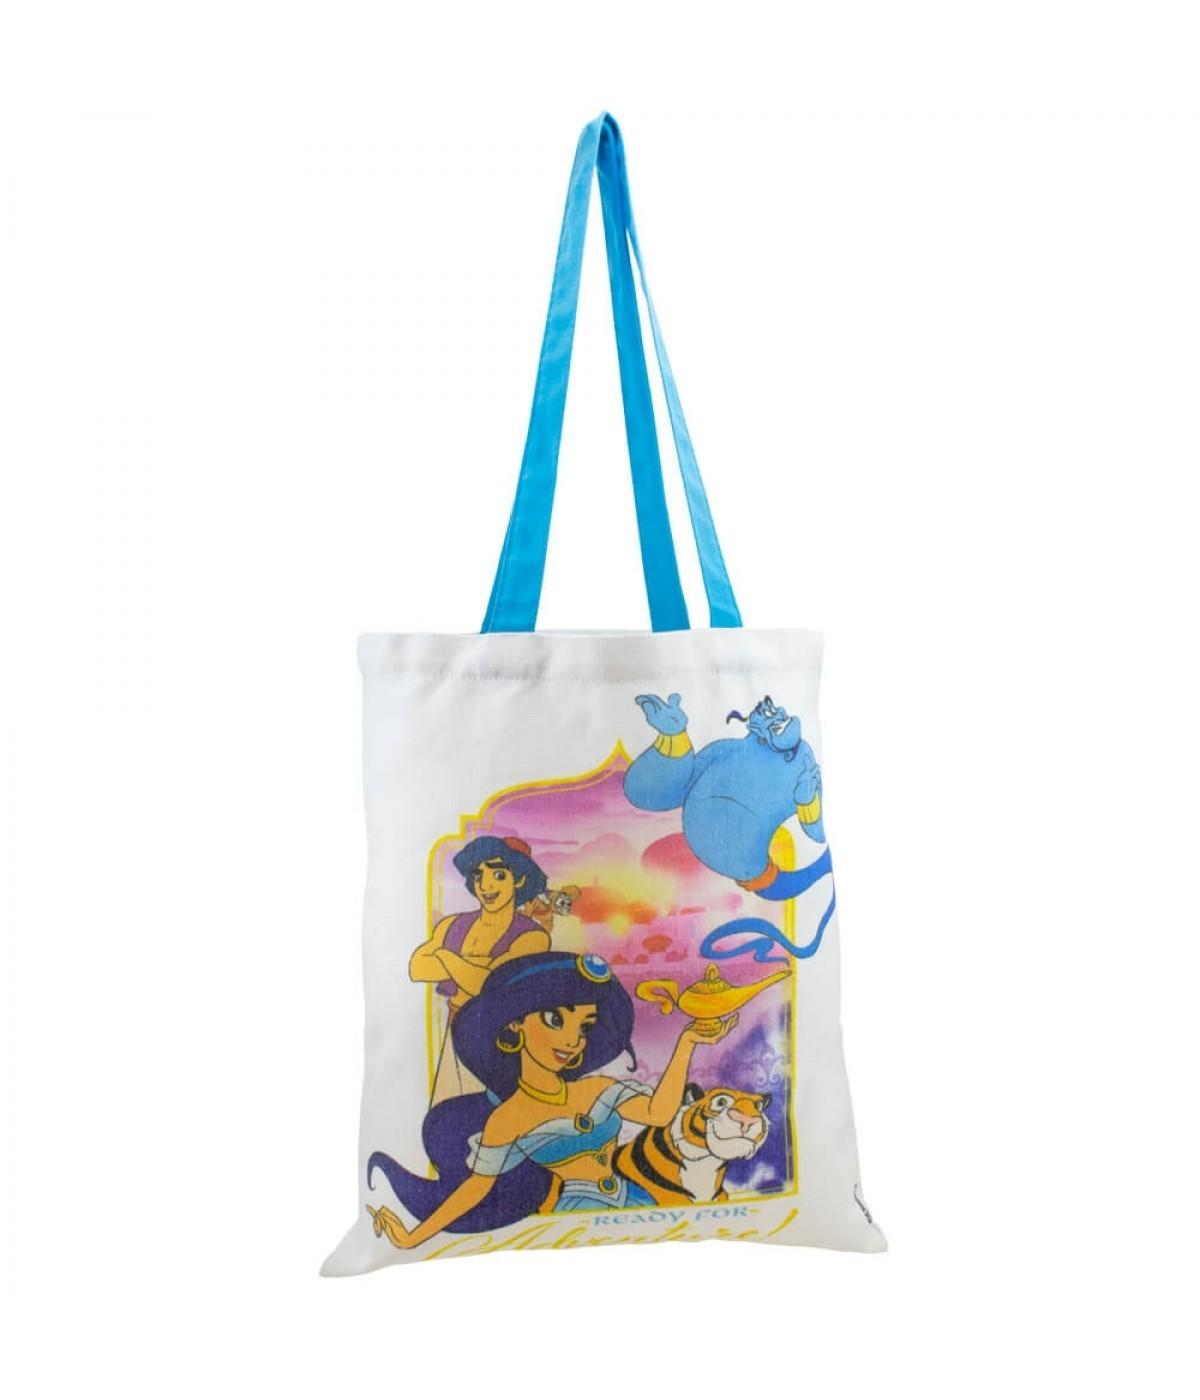 Bolsa Personagens Aladdin